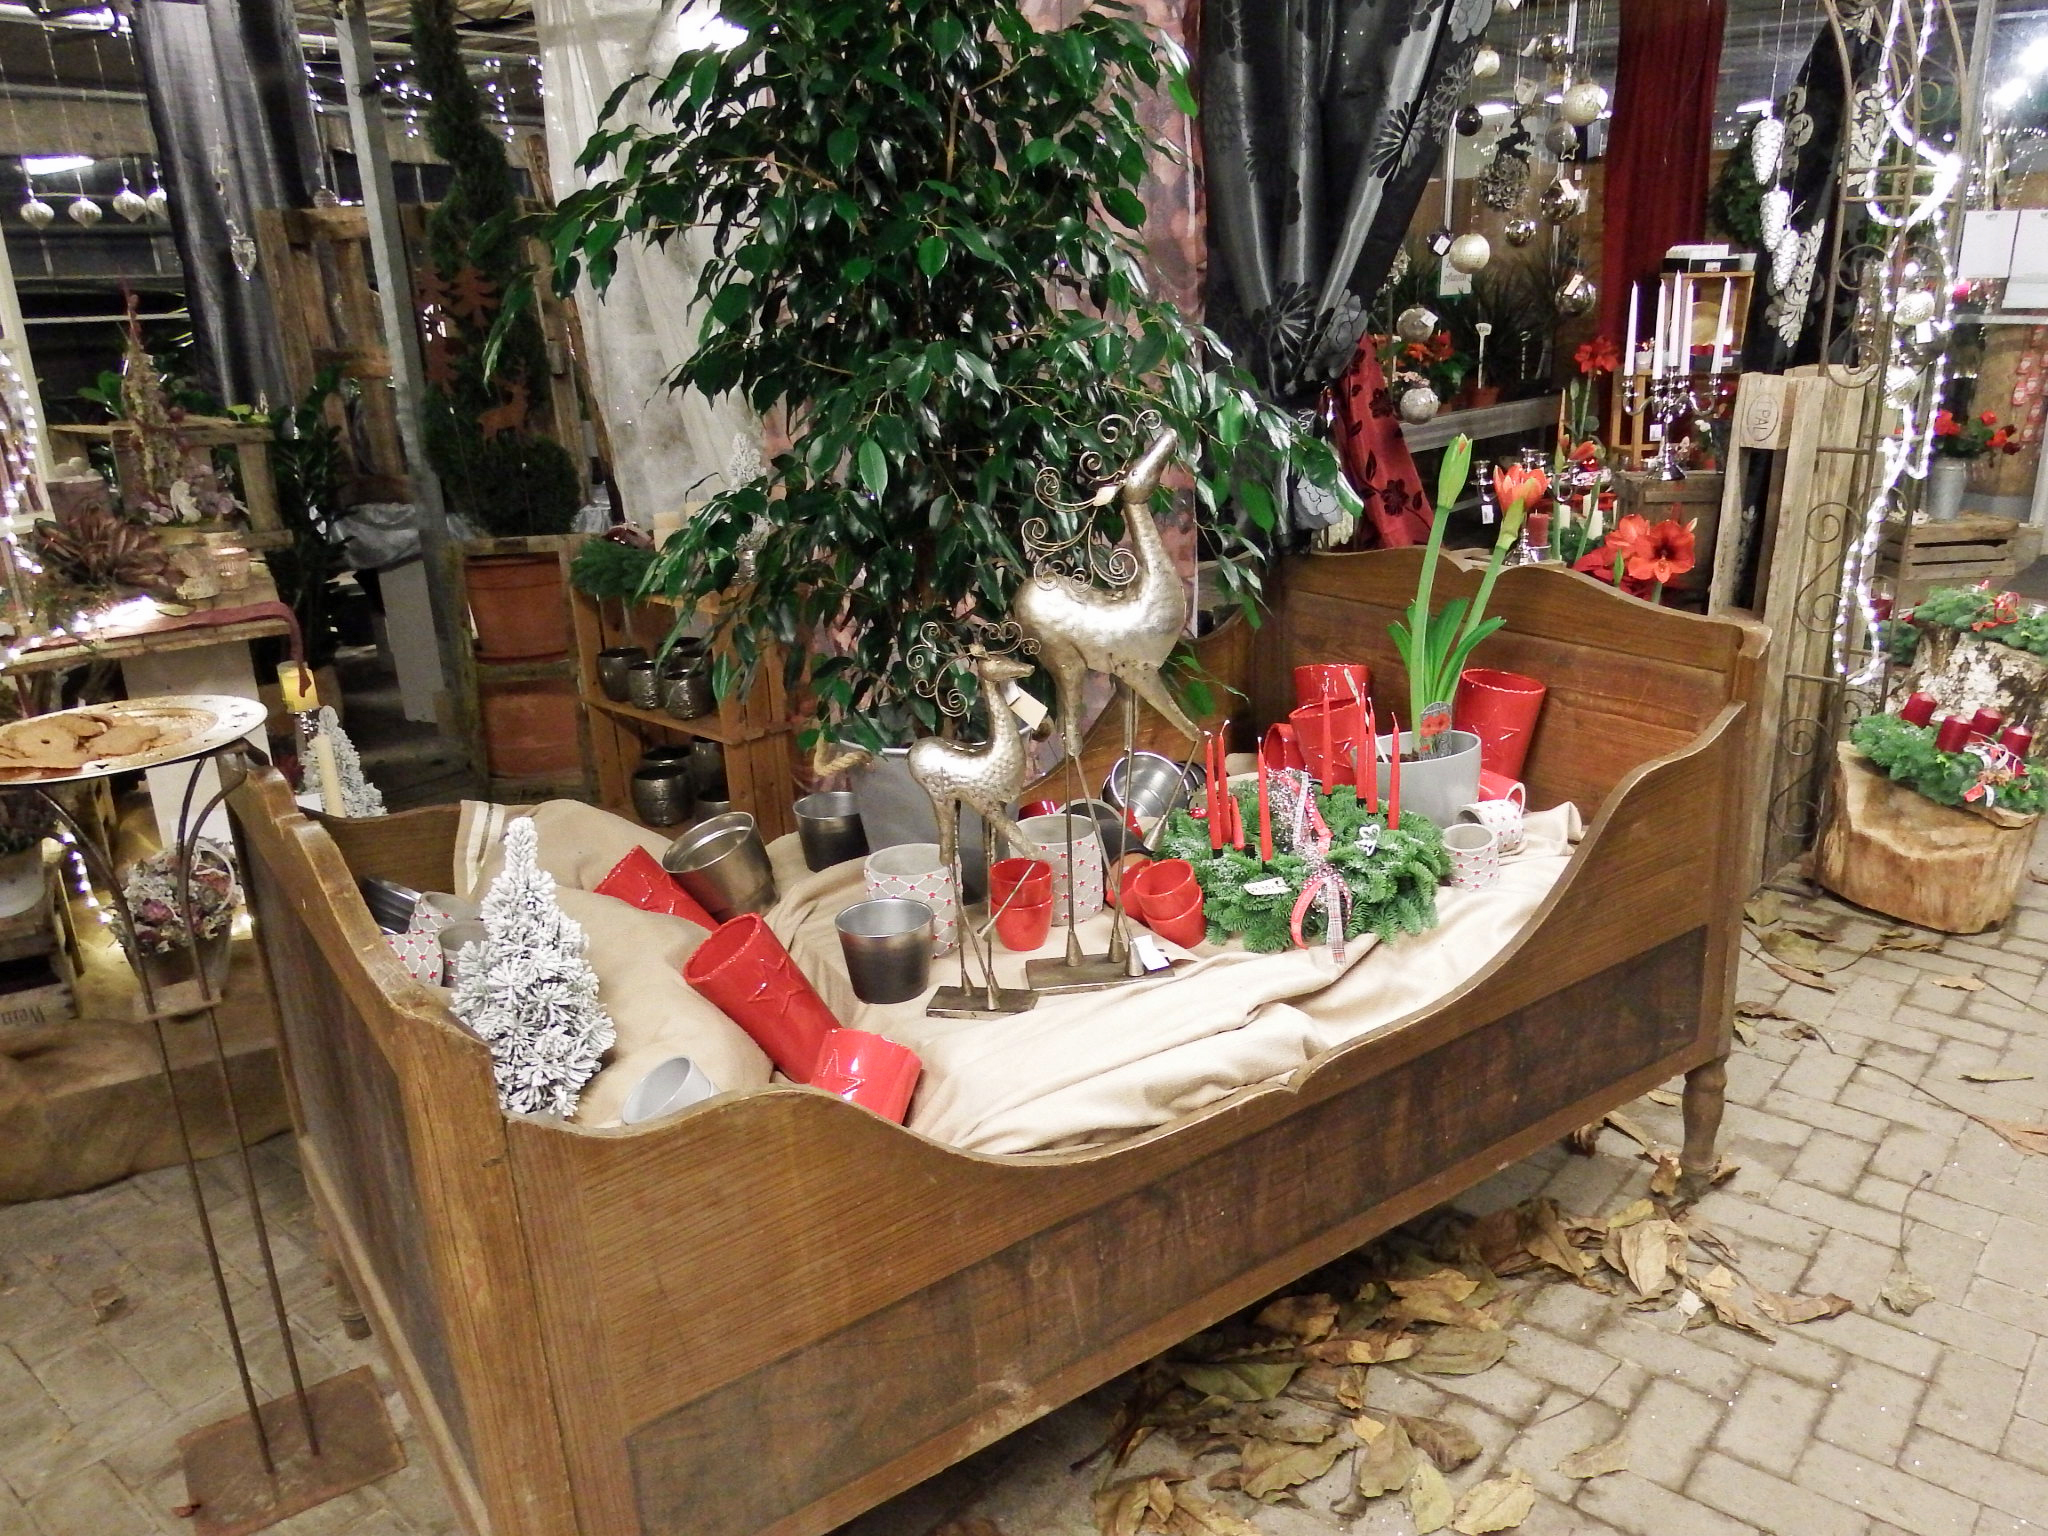 Adventsausstellung - Weihnachtsmarkt - Weihnachten - Kirn - Bad Sobernheim - Monzingen - Meddersheim - Simmertal - Hochstetten-Dhaun - Staudernheim - Odernheim - Meisenheim